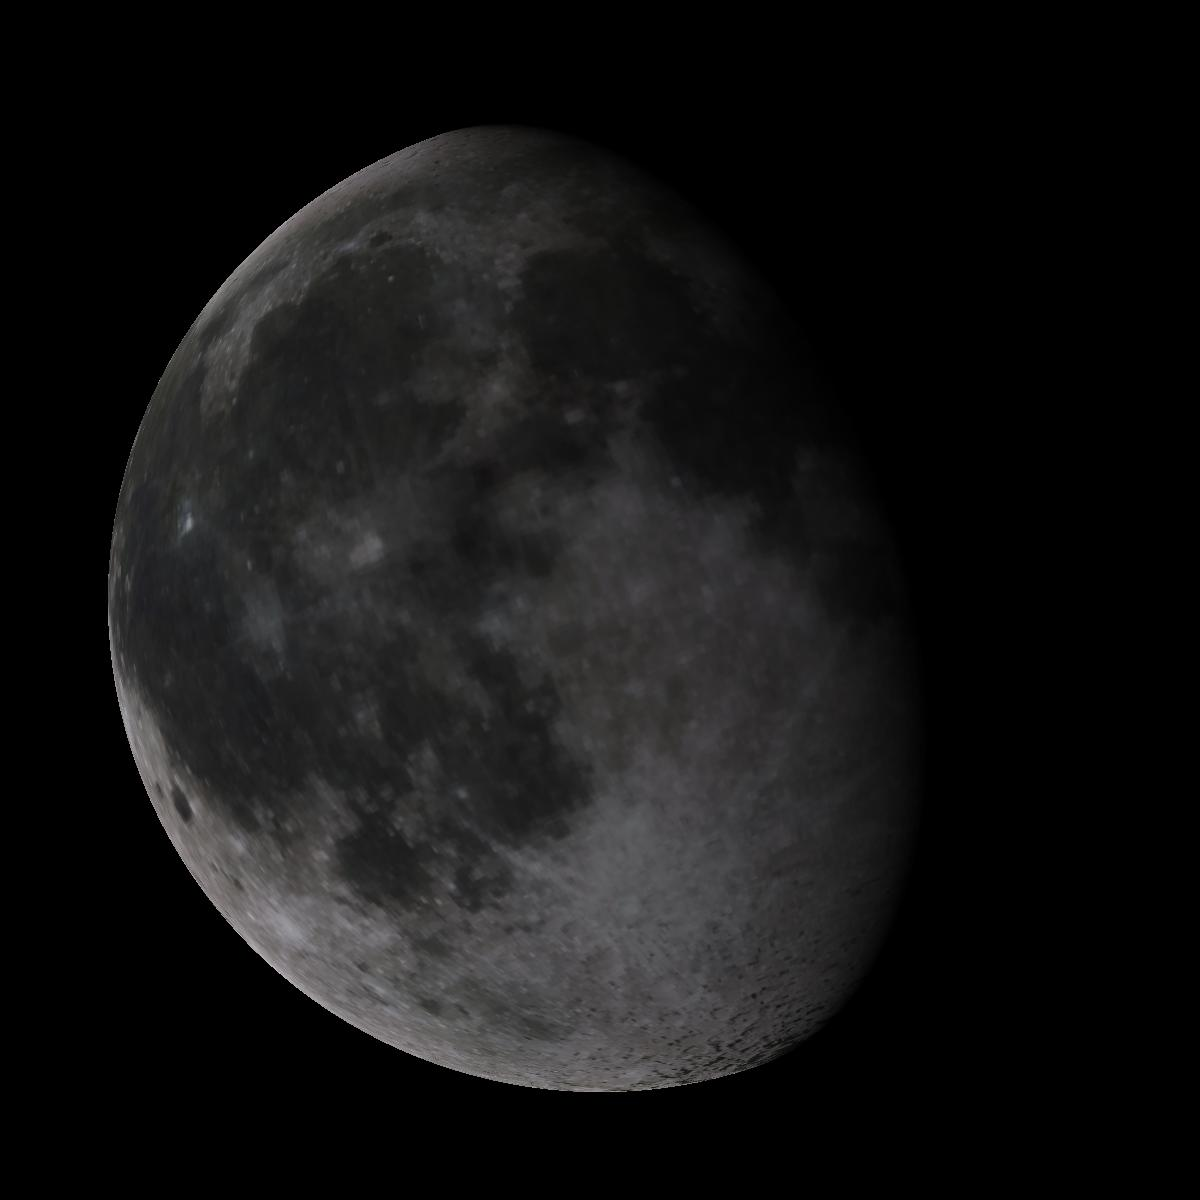 Lune du 13 février 2020